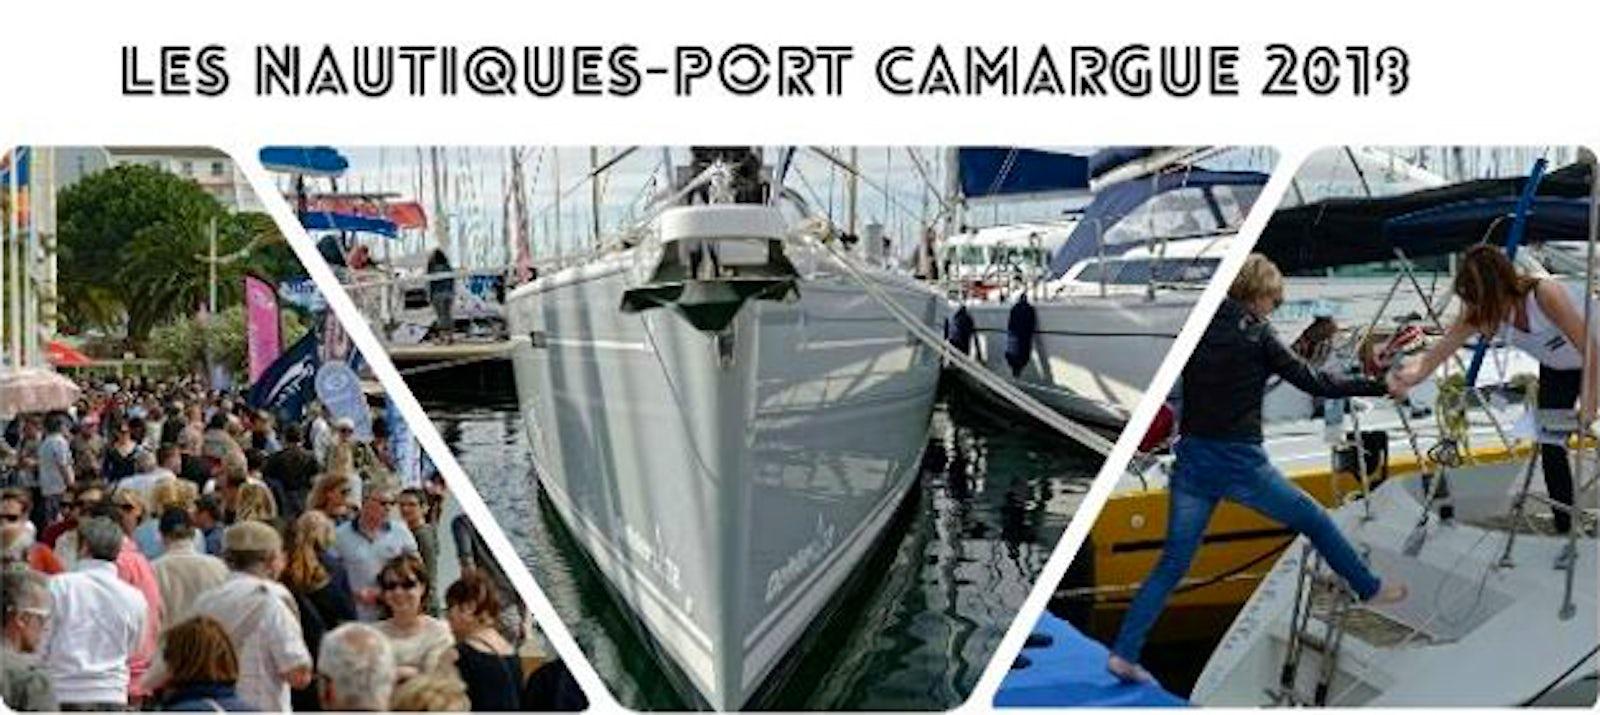 Les Nautiques De Port Camargue Salon Du Bateau Itinari - Location bateau port camargue